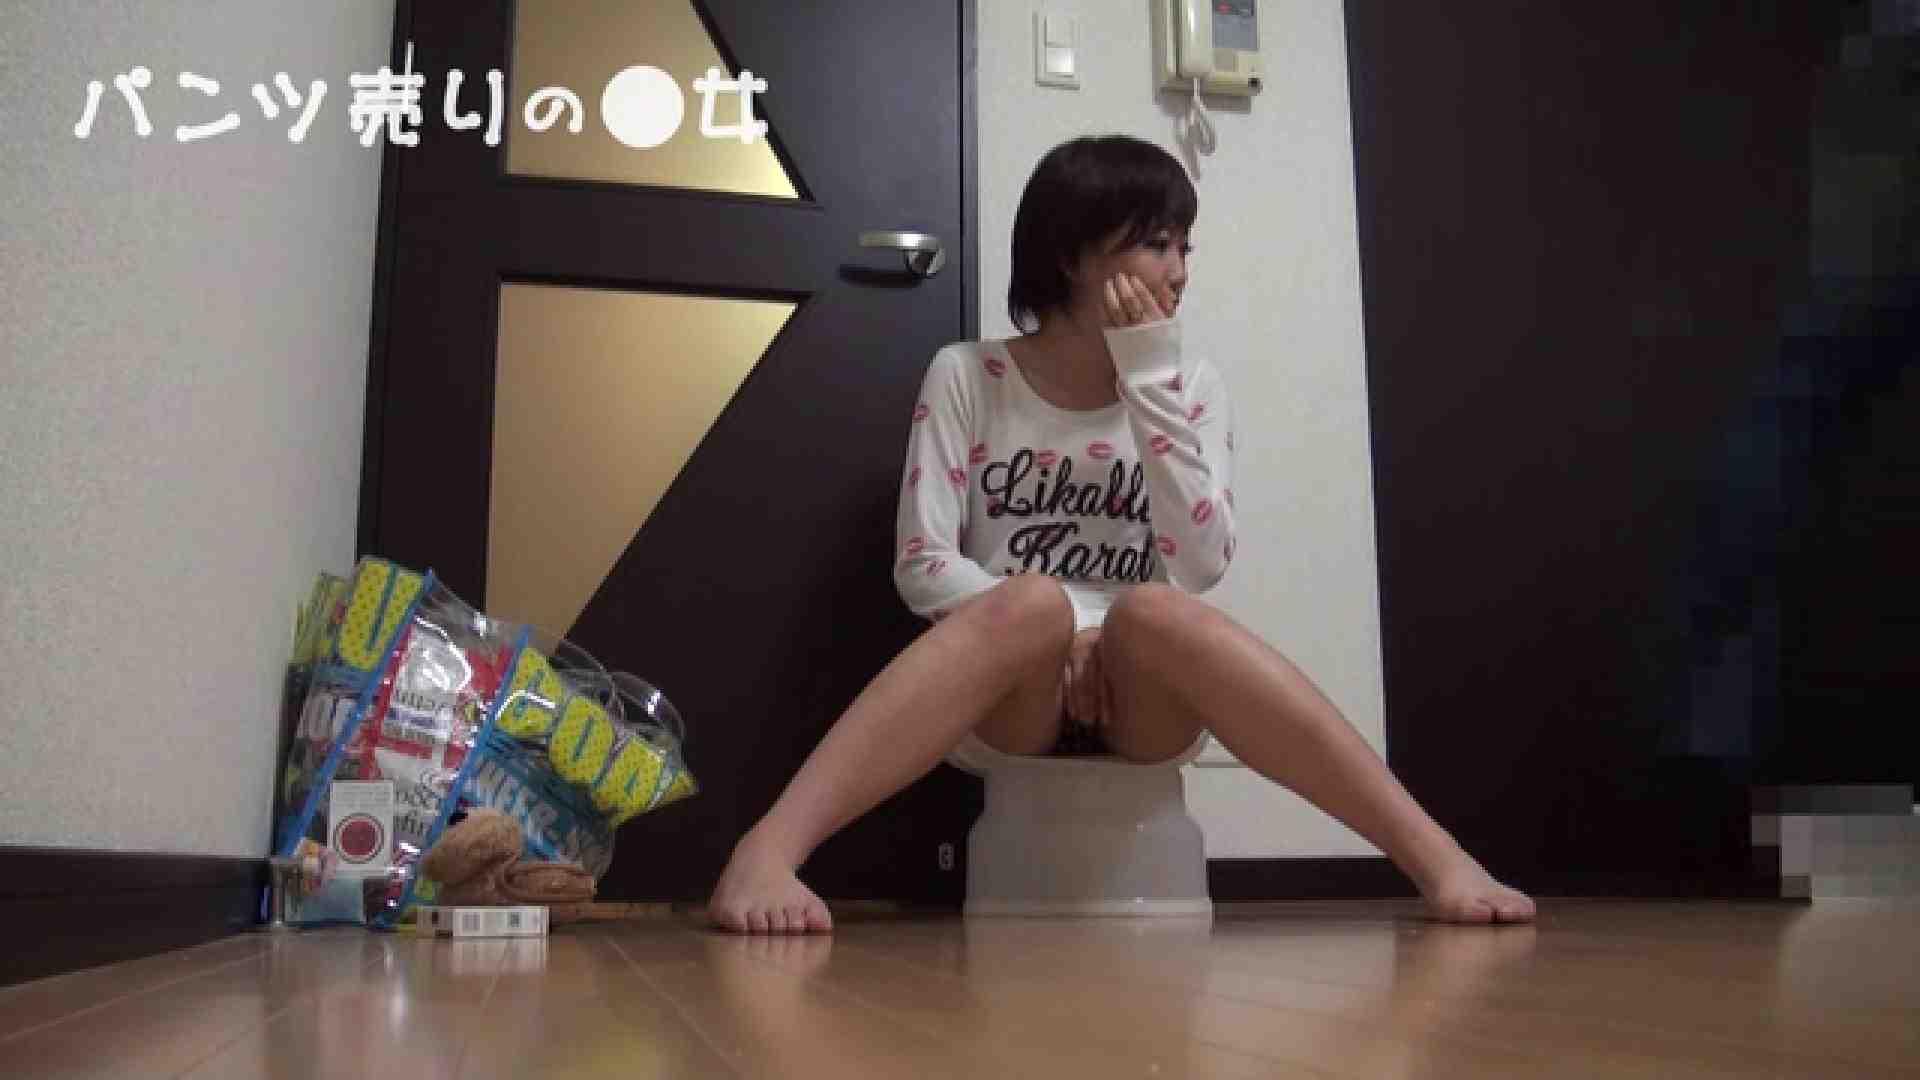 新説 パンツ売りの女の子nana マンコ   盗撮  63pic 36